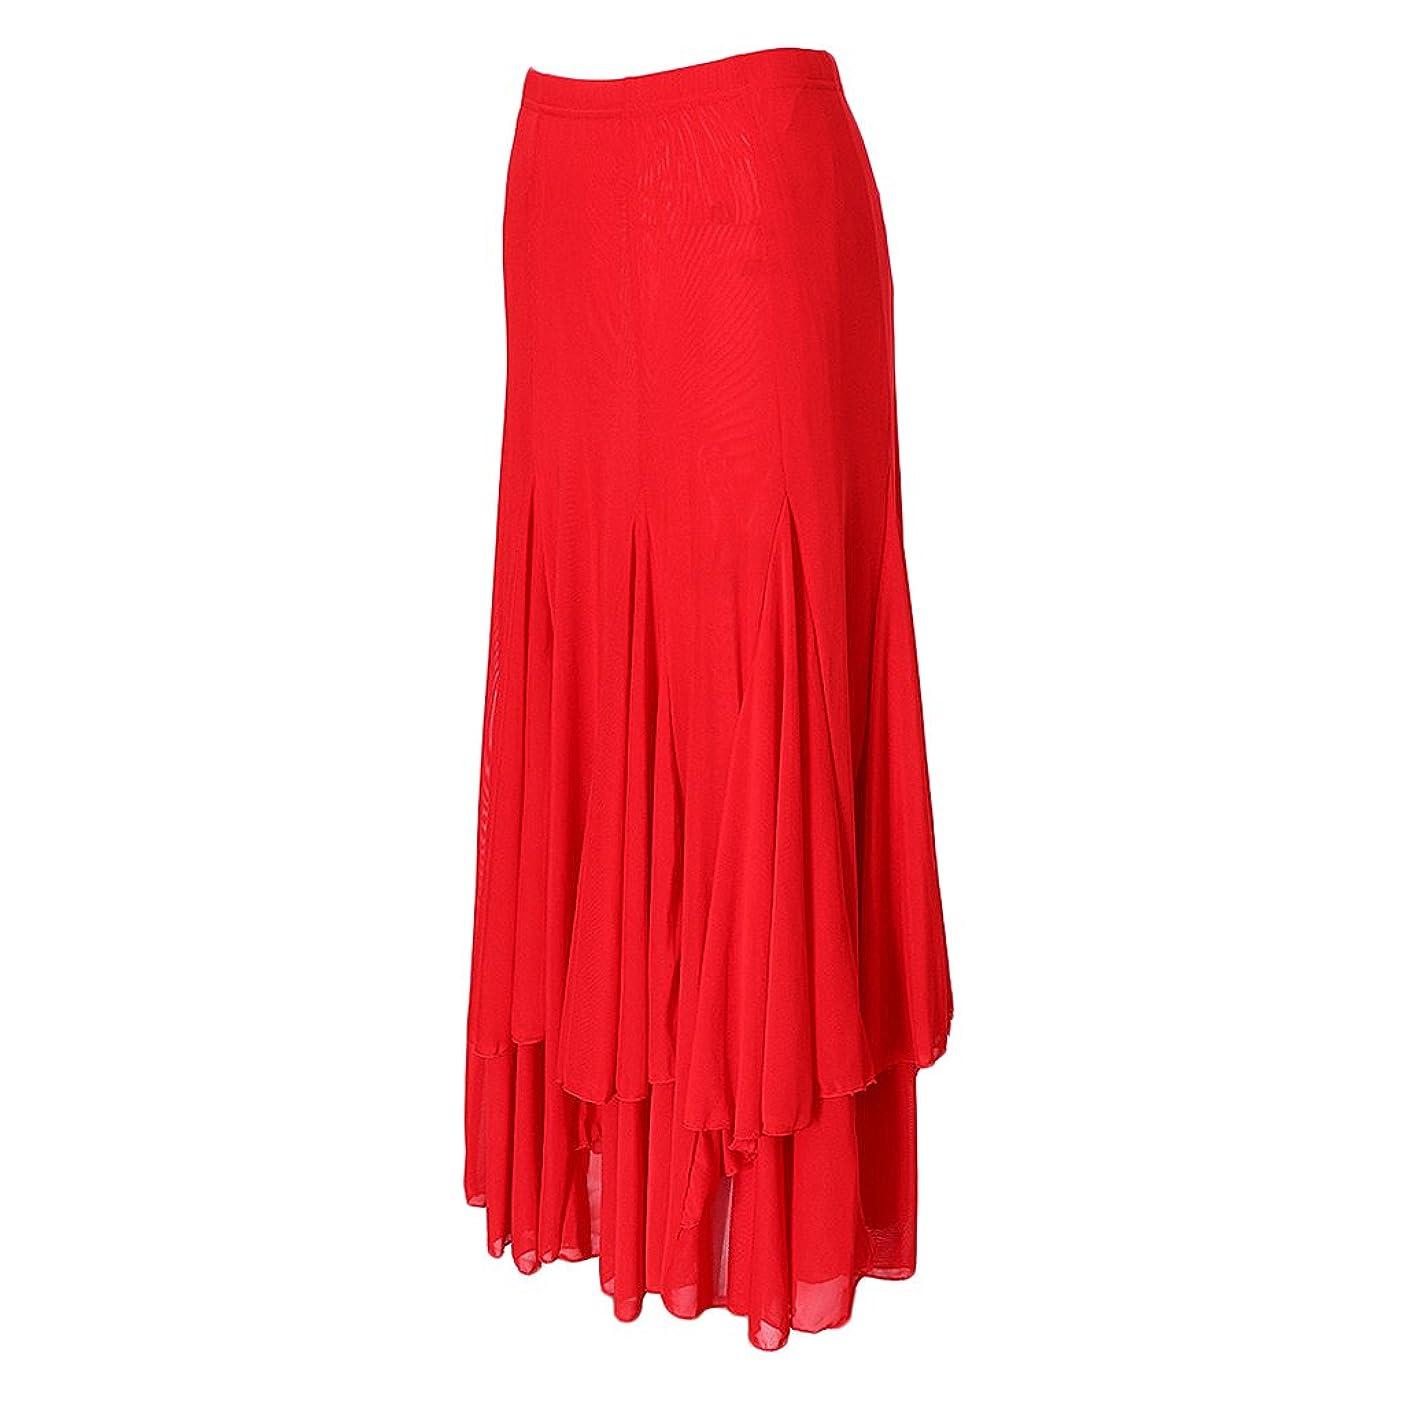 ステレオタイプ人柄不機嫌スカート ダンスドレス スイングスカート ダンス ドレス ラテン サルサ タンゴ チャチャ フラメンコ モダンボールルーム 3色選べ - 赤